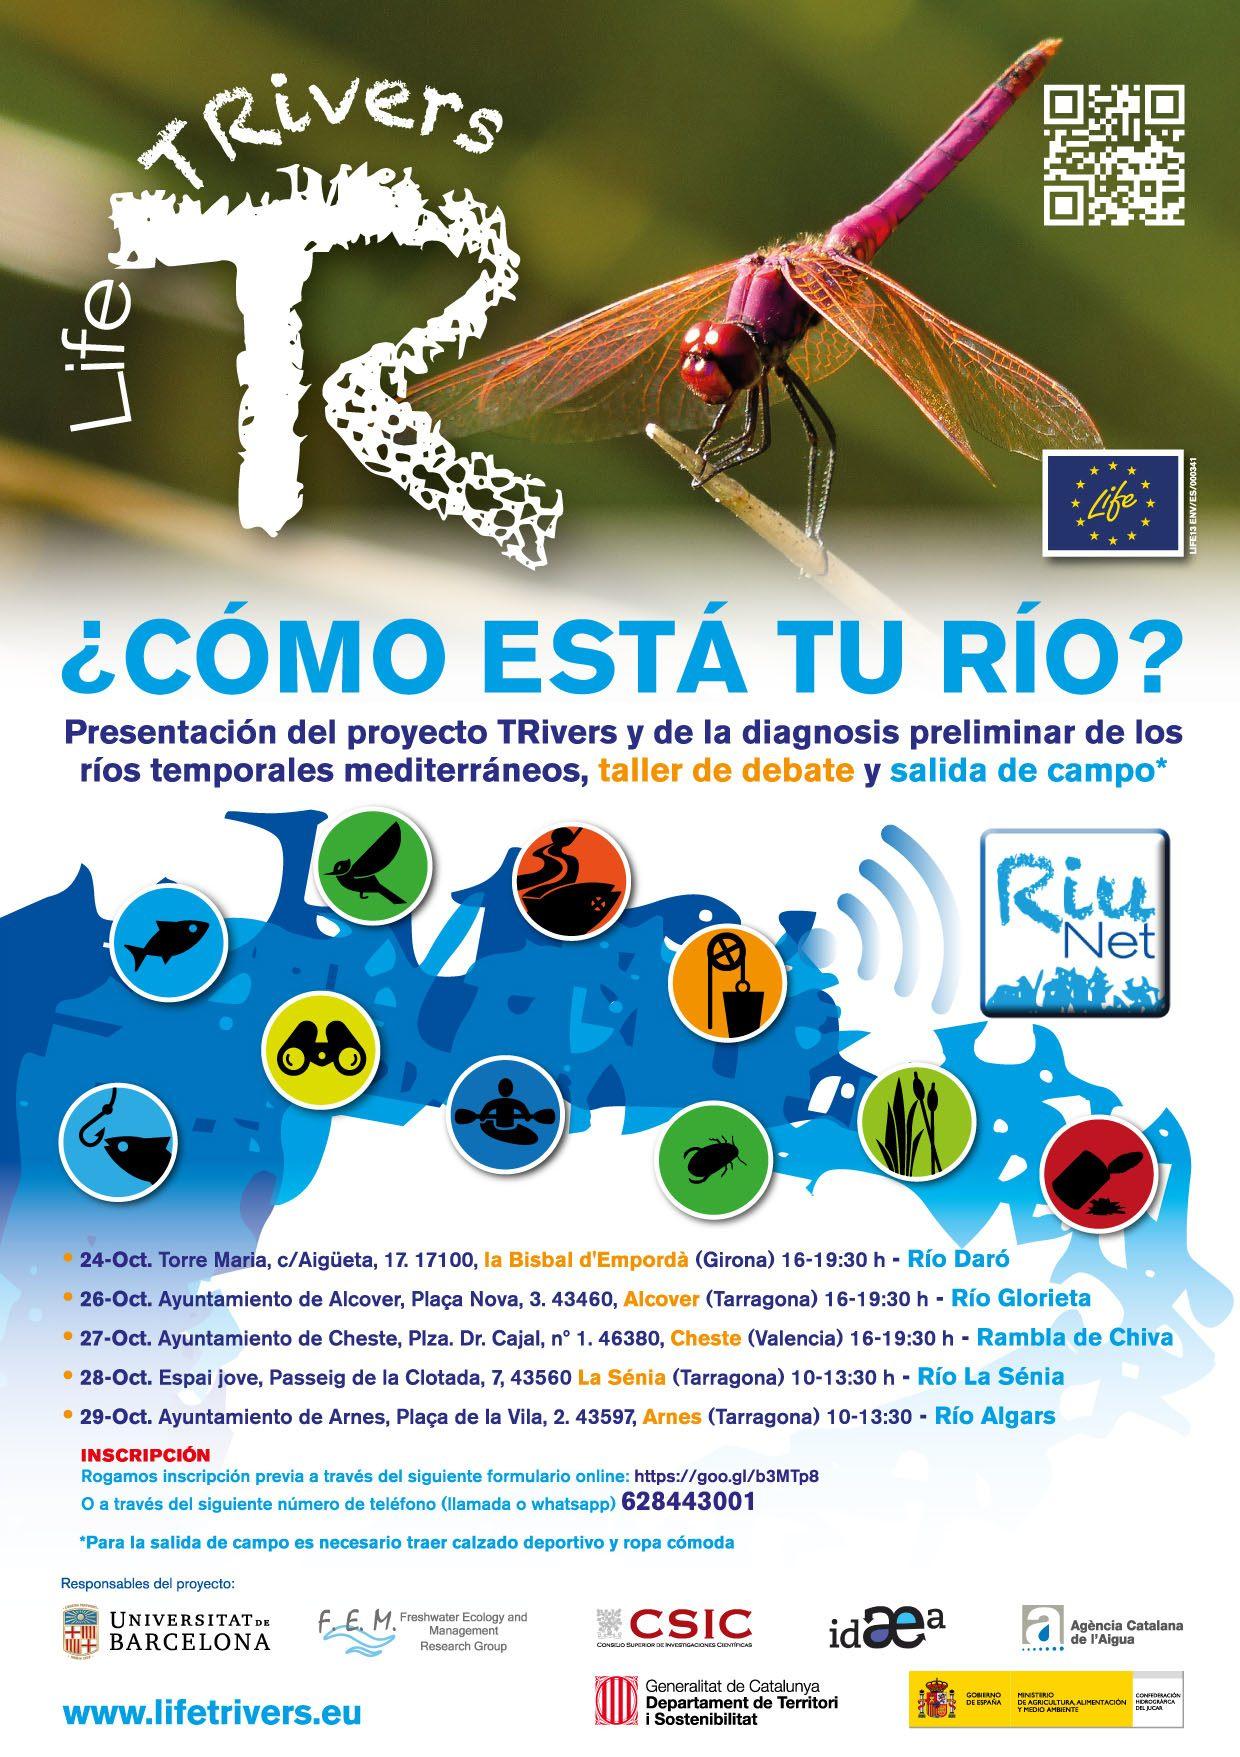 Proyecto europeo Life TRivers, que busca la conservación y la mejora de los ríos temporales mediterráneos.